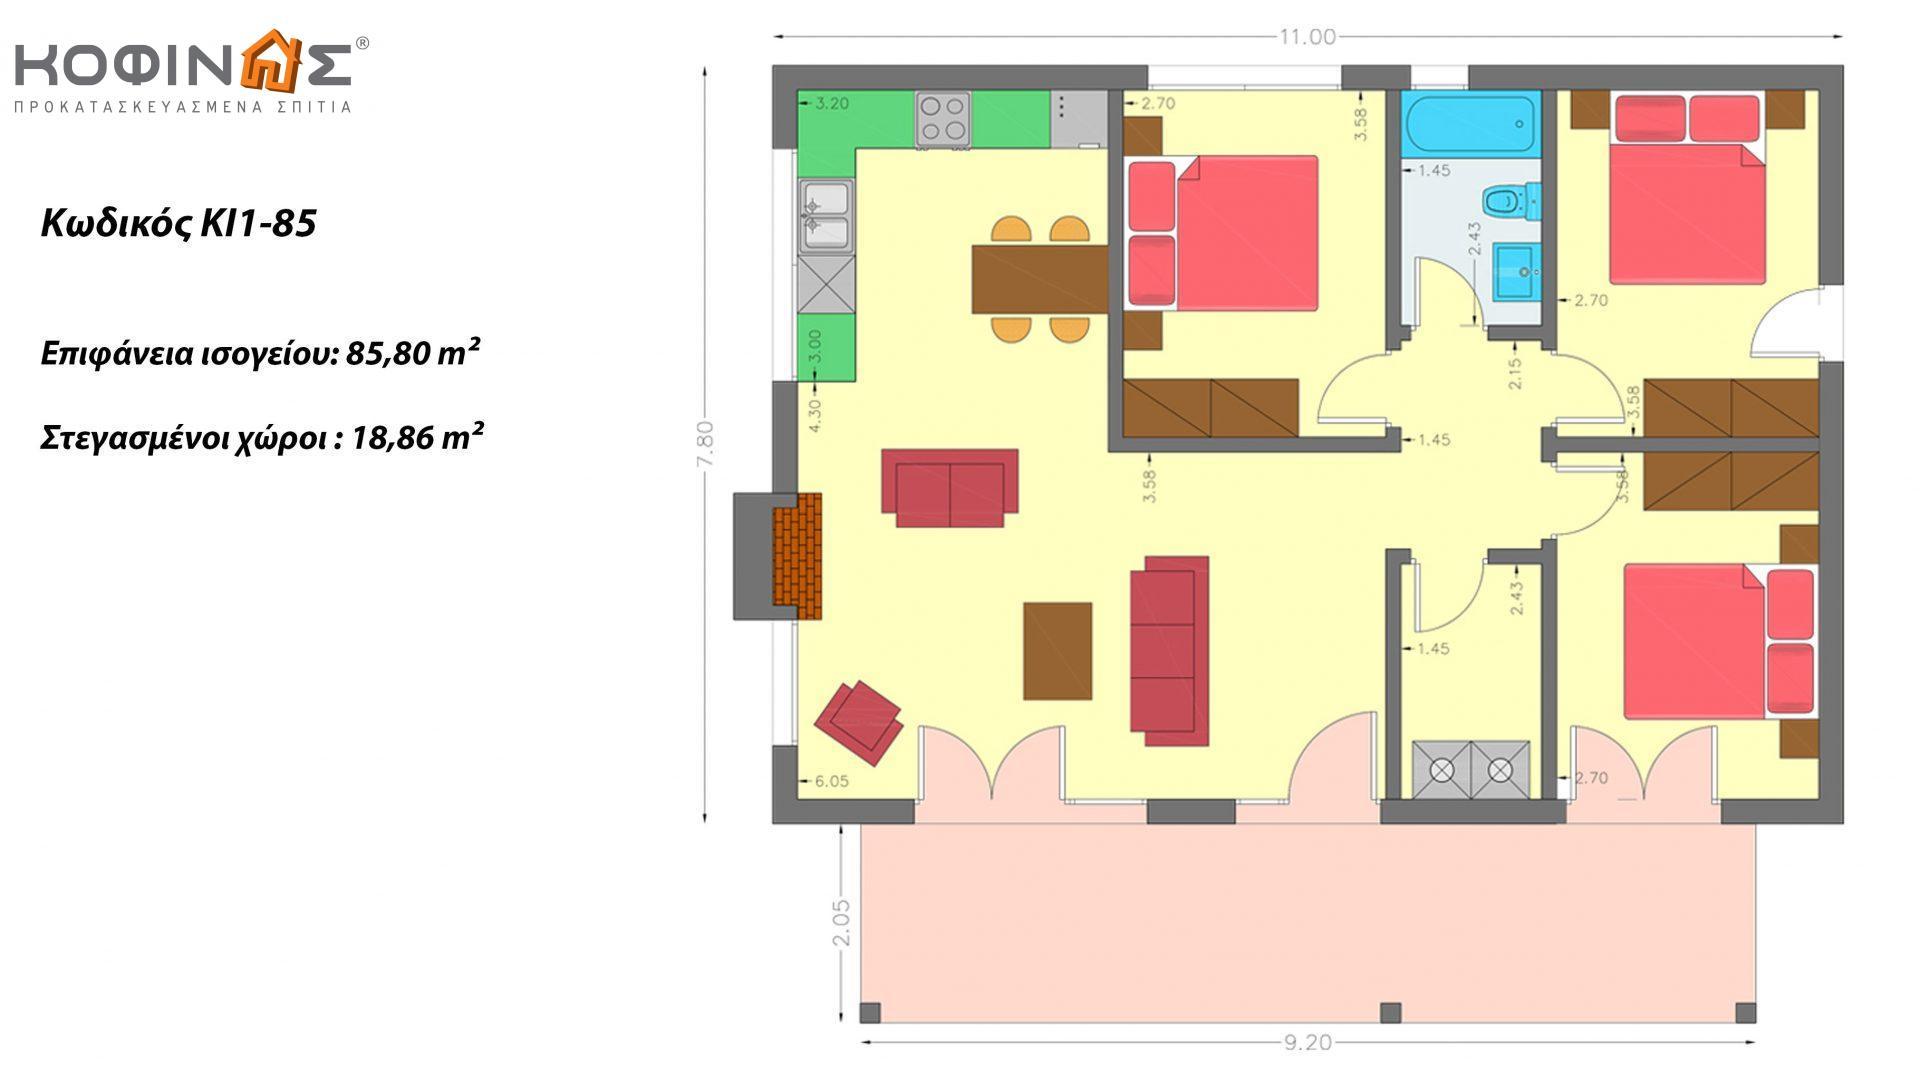 Ισόγεια Κατοικία KI1-85 συνολικής επιφάνειας 85,80 τ.μ., στεγασμένοι χώροι 18,86 τ.μ